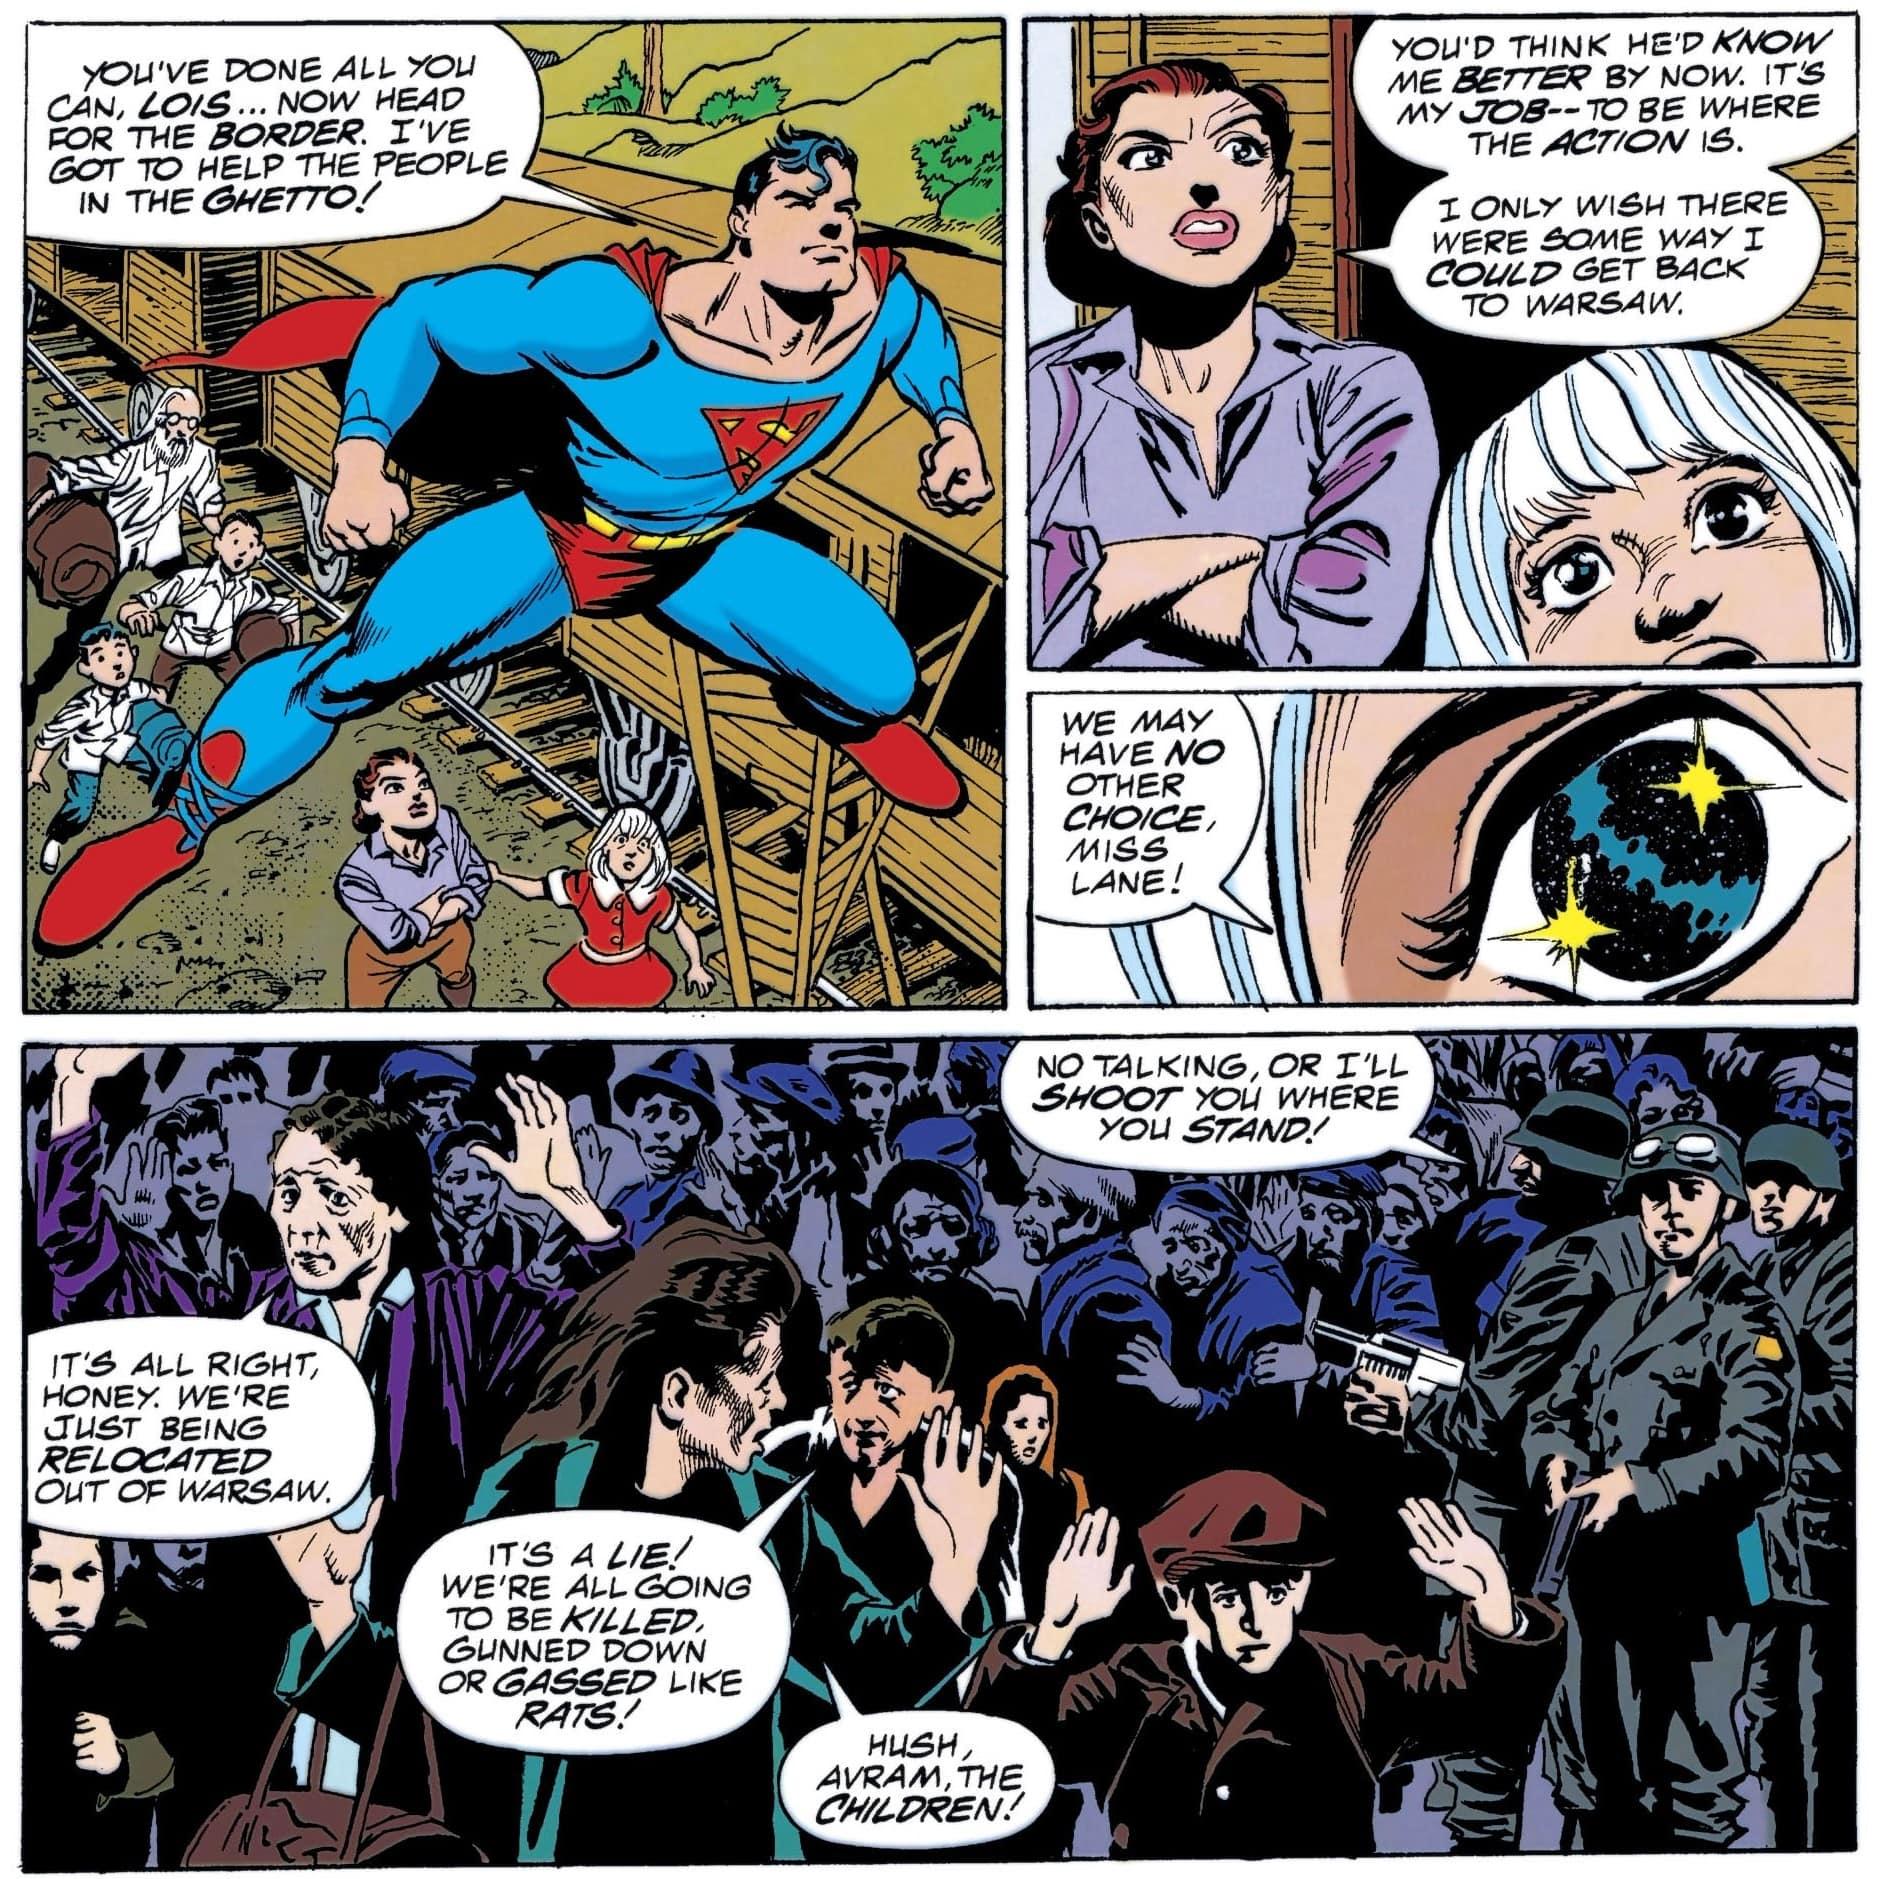 קומיקס של סופרמן שבו, בציור האחרון, מתייחסים לצילום השואה האיקוני מגטו ורשה (צילום: באדיבות רוי שוורץ)